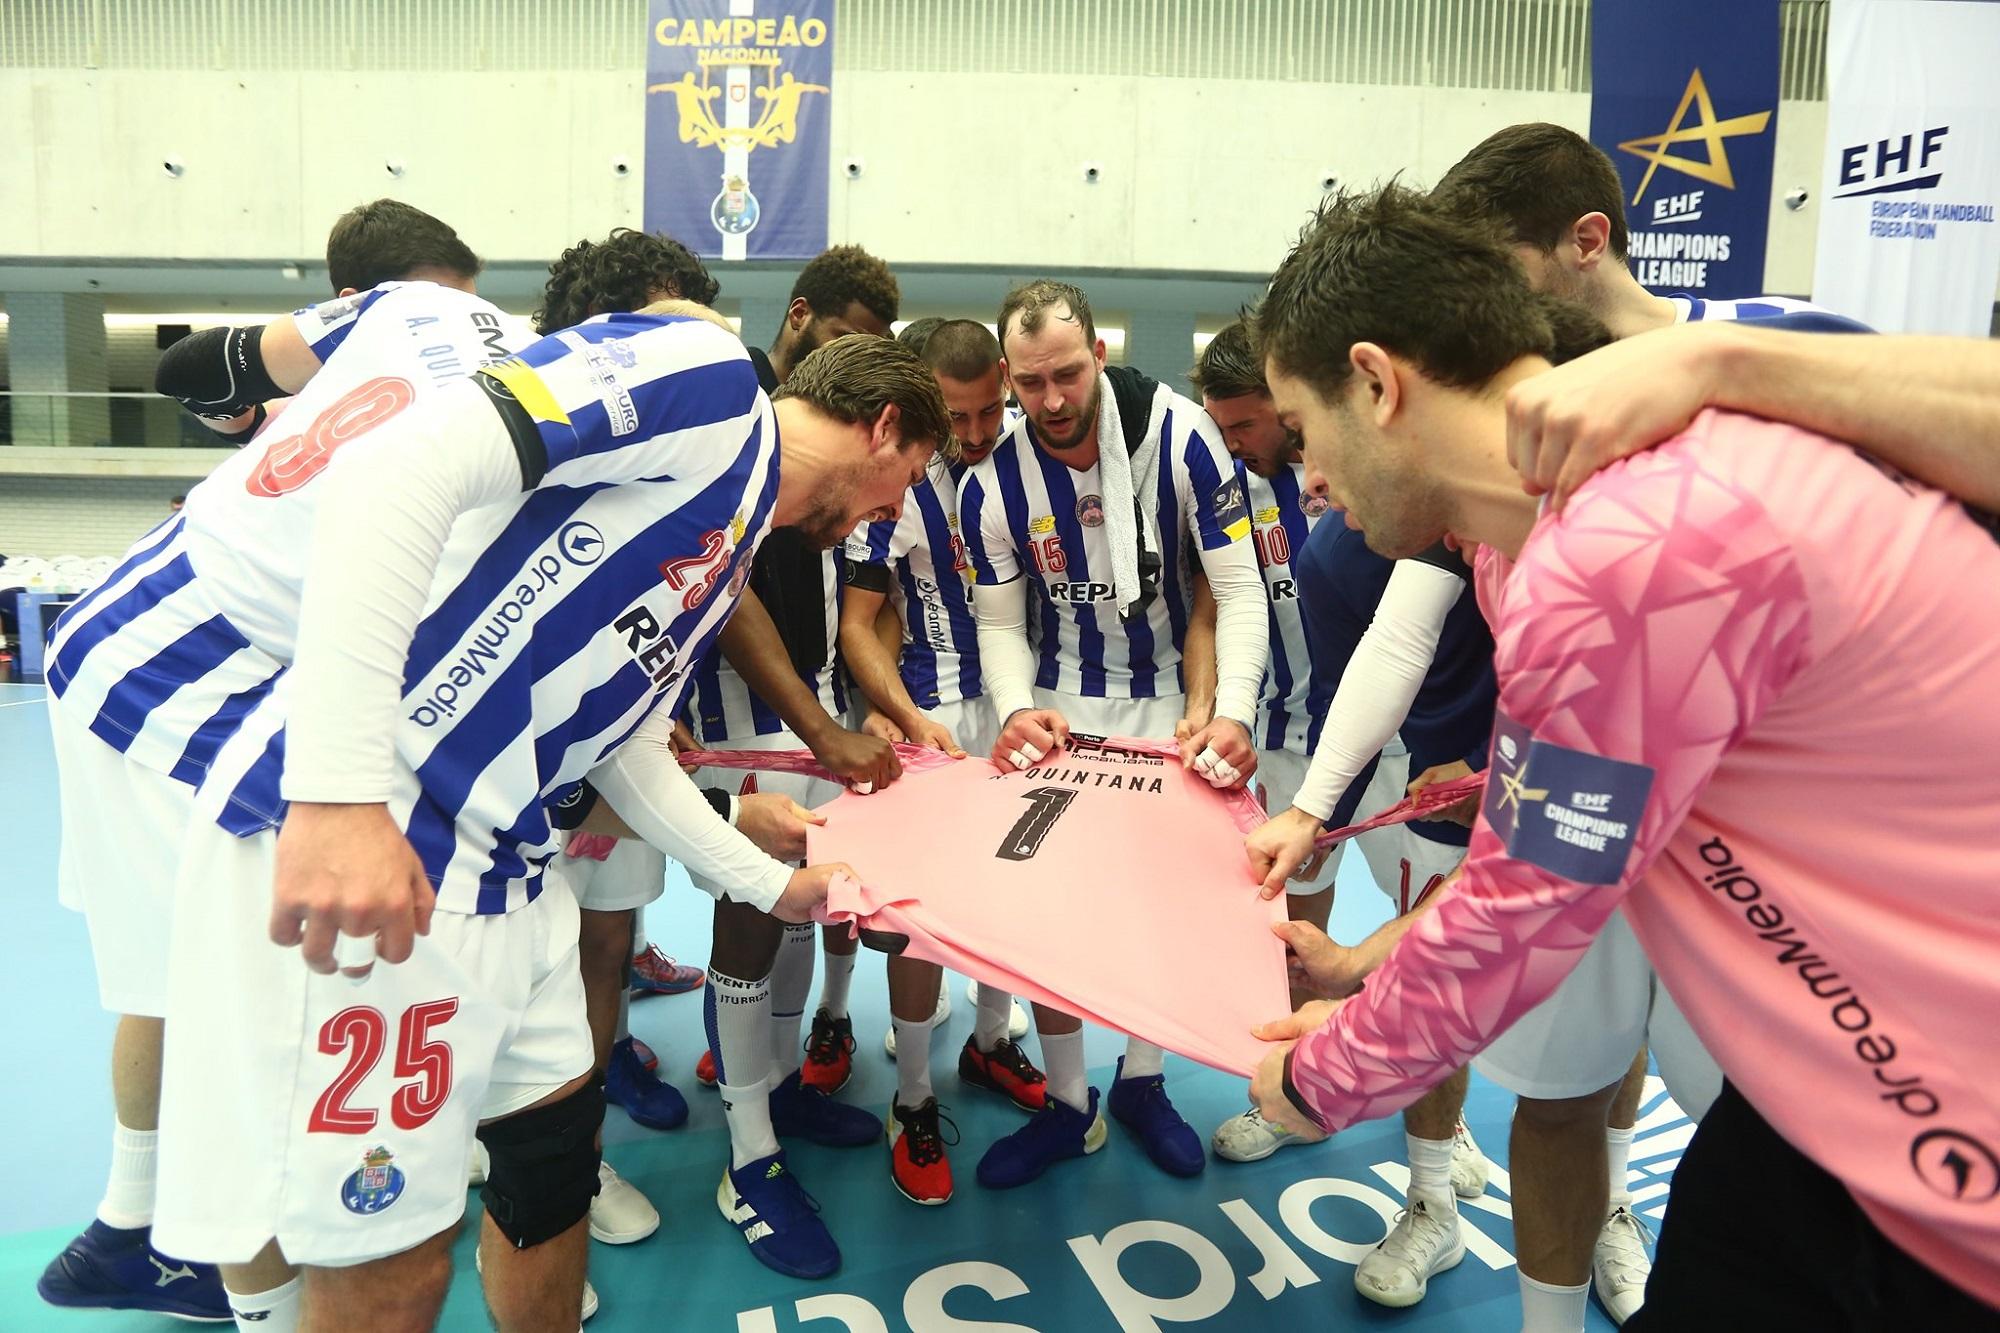 Os jogadores de Andebol do FC Porto fizeram uma roda em torno da camisola de Alfredo Quintana no final do encontro.